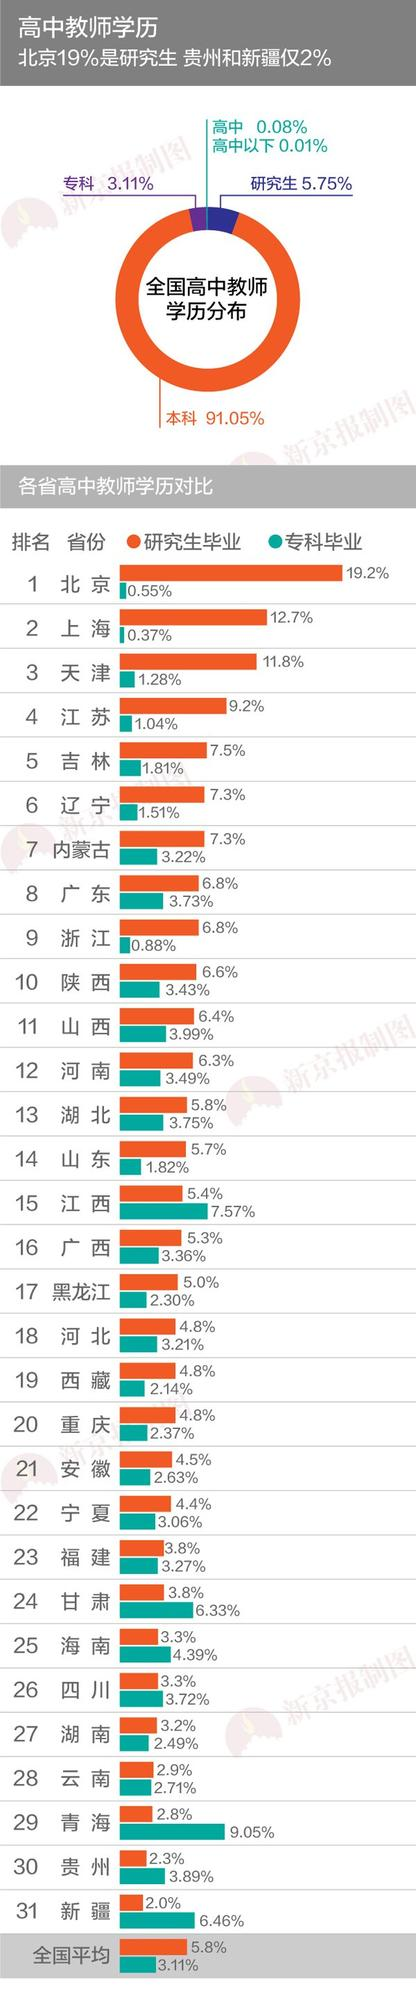 [考中学教师资格证需要什么学历]中学教师学历比拼 北京15%是研究生贵州不到1%